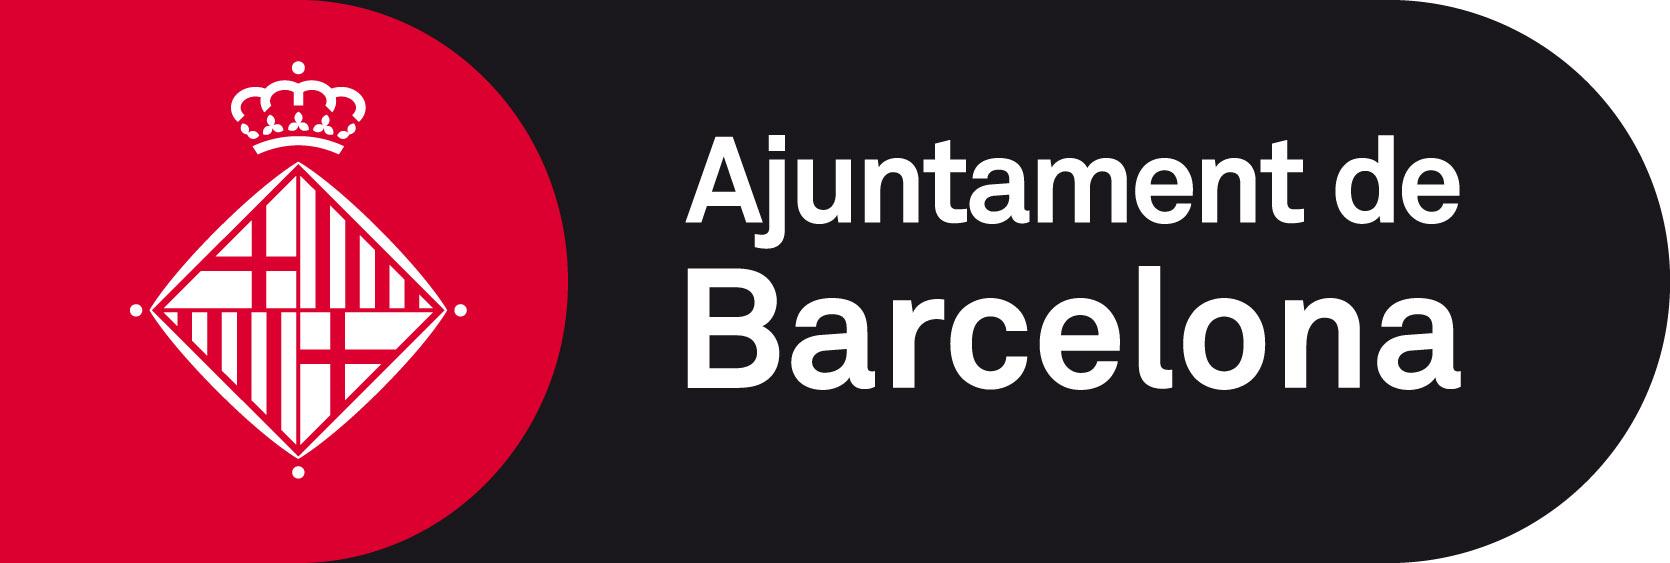 Logo_AjuntamentBarcelona.jpg